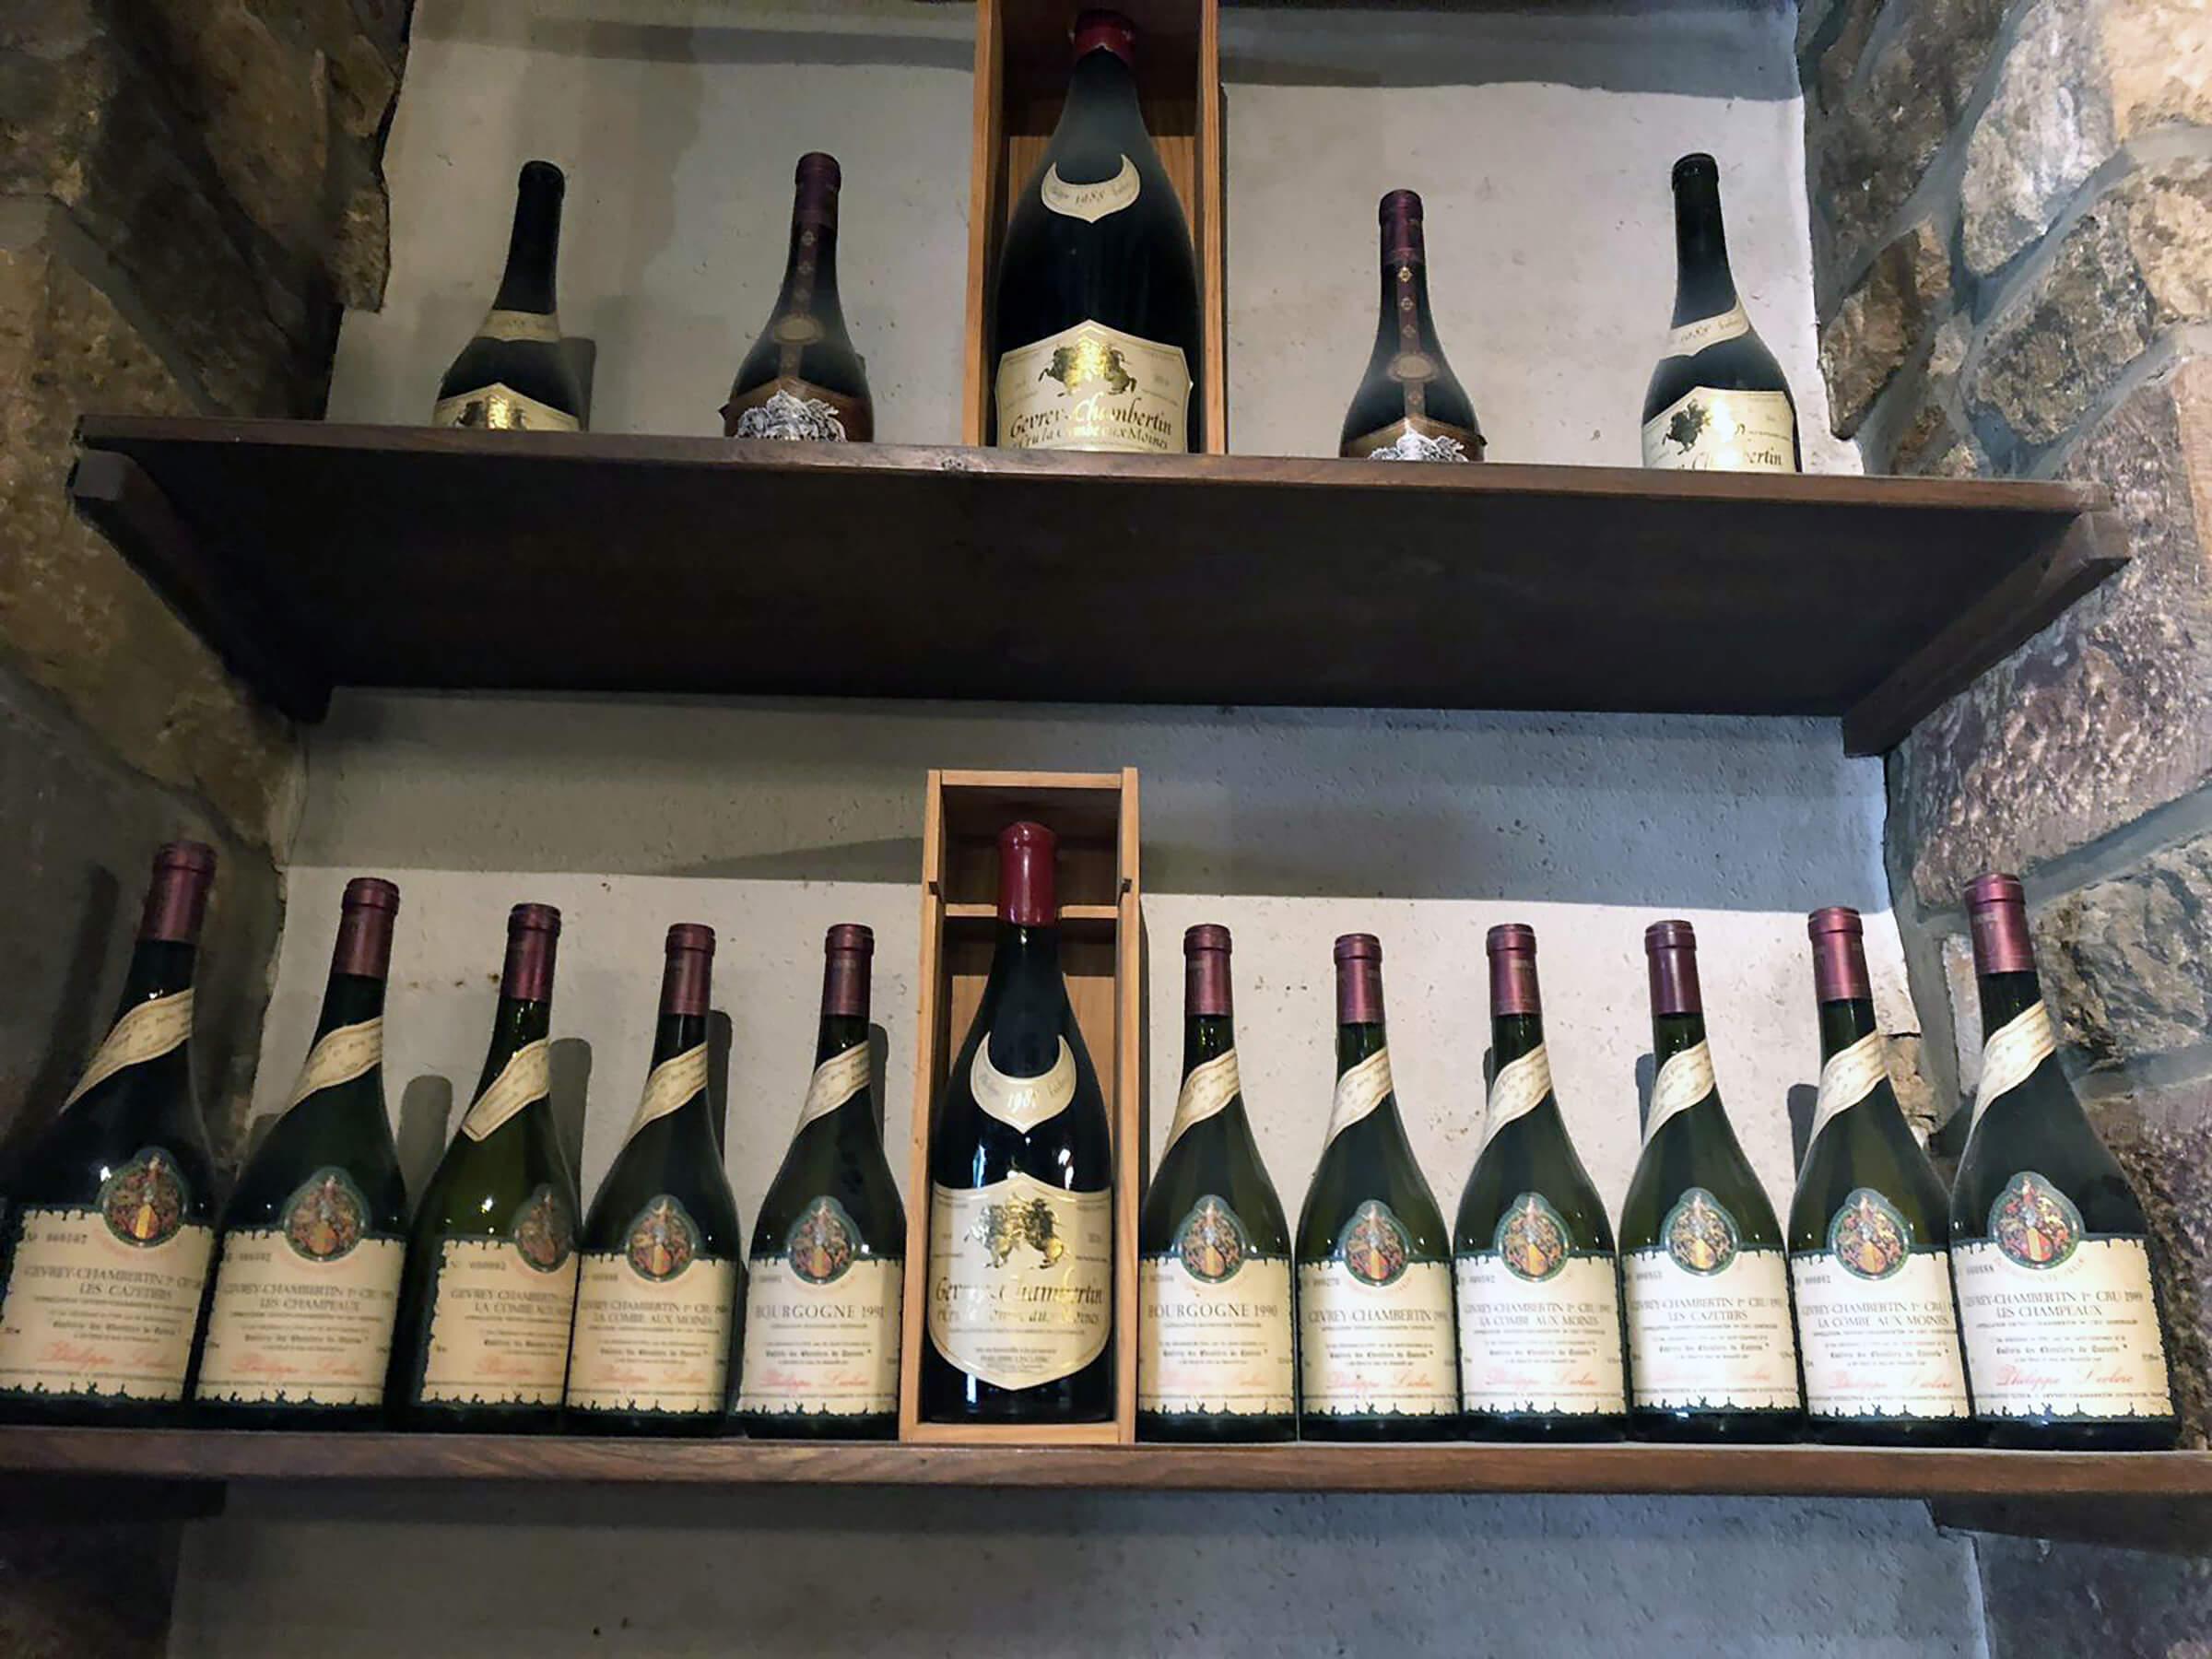 bourgogne-discovery-transport-prive-de-personne-visite-de-cave-viticole-bourgogne-france-franche-comte